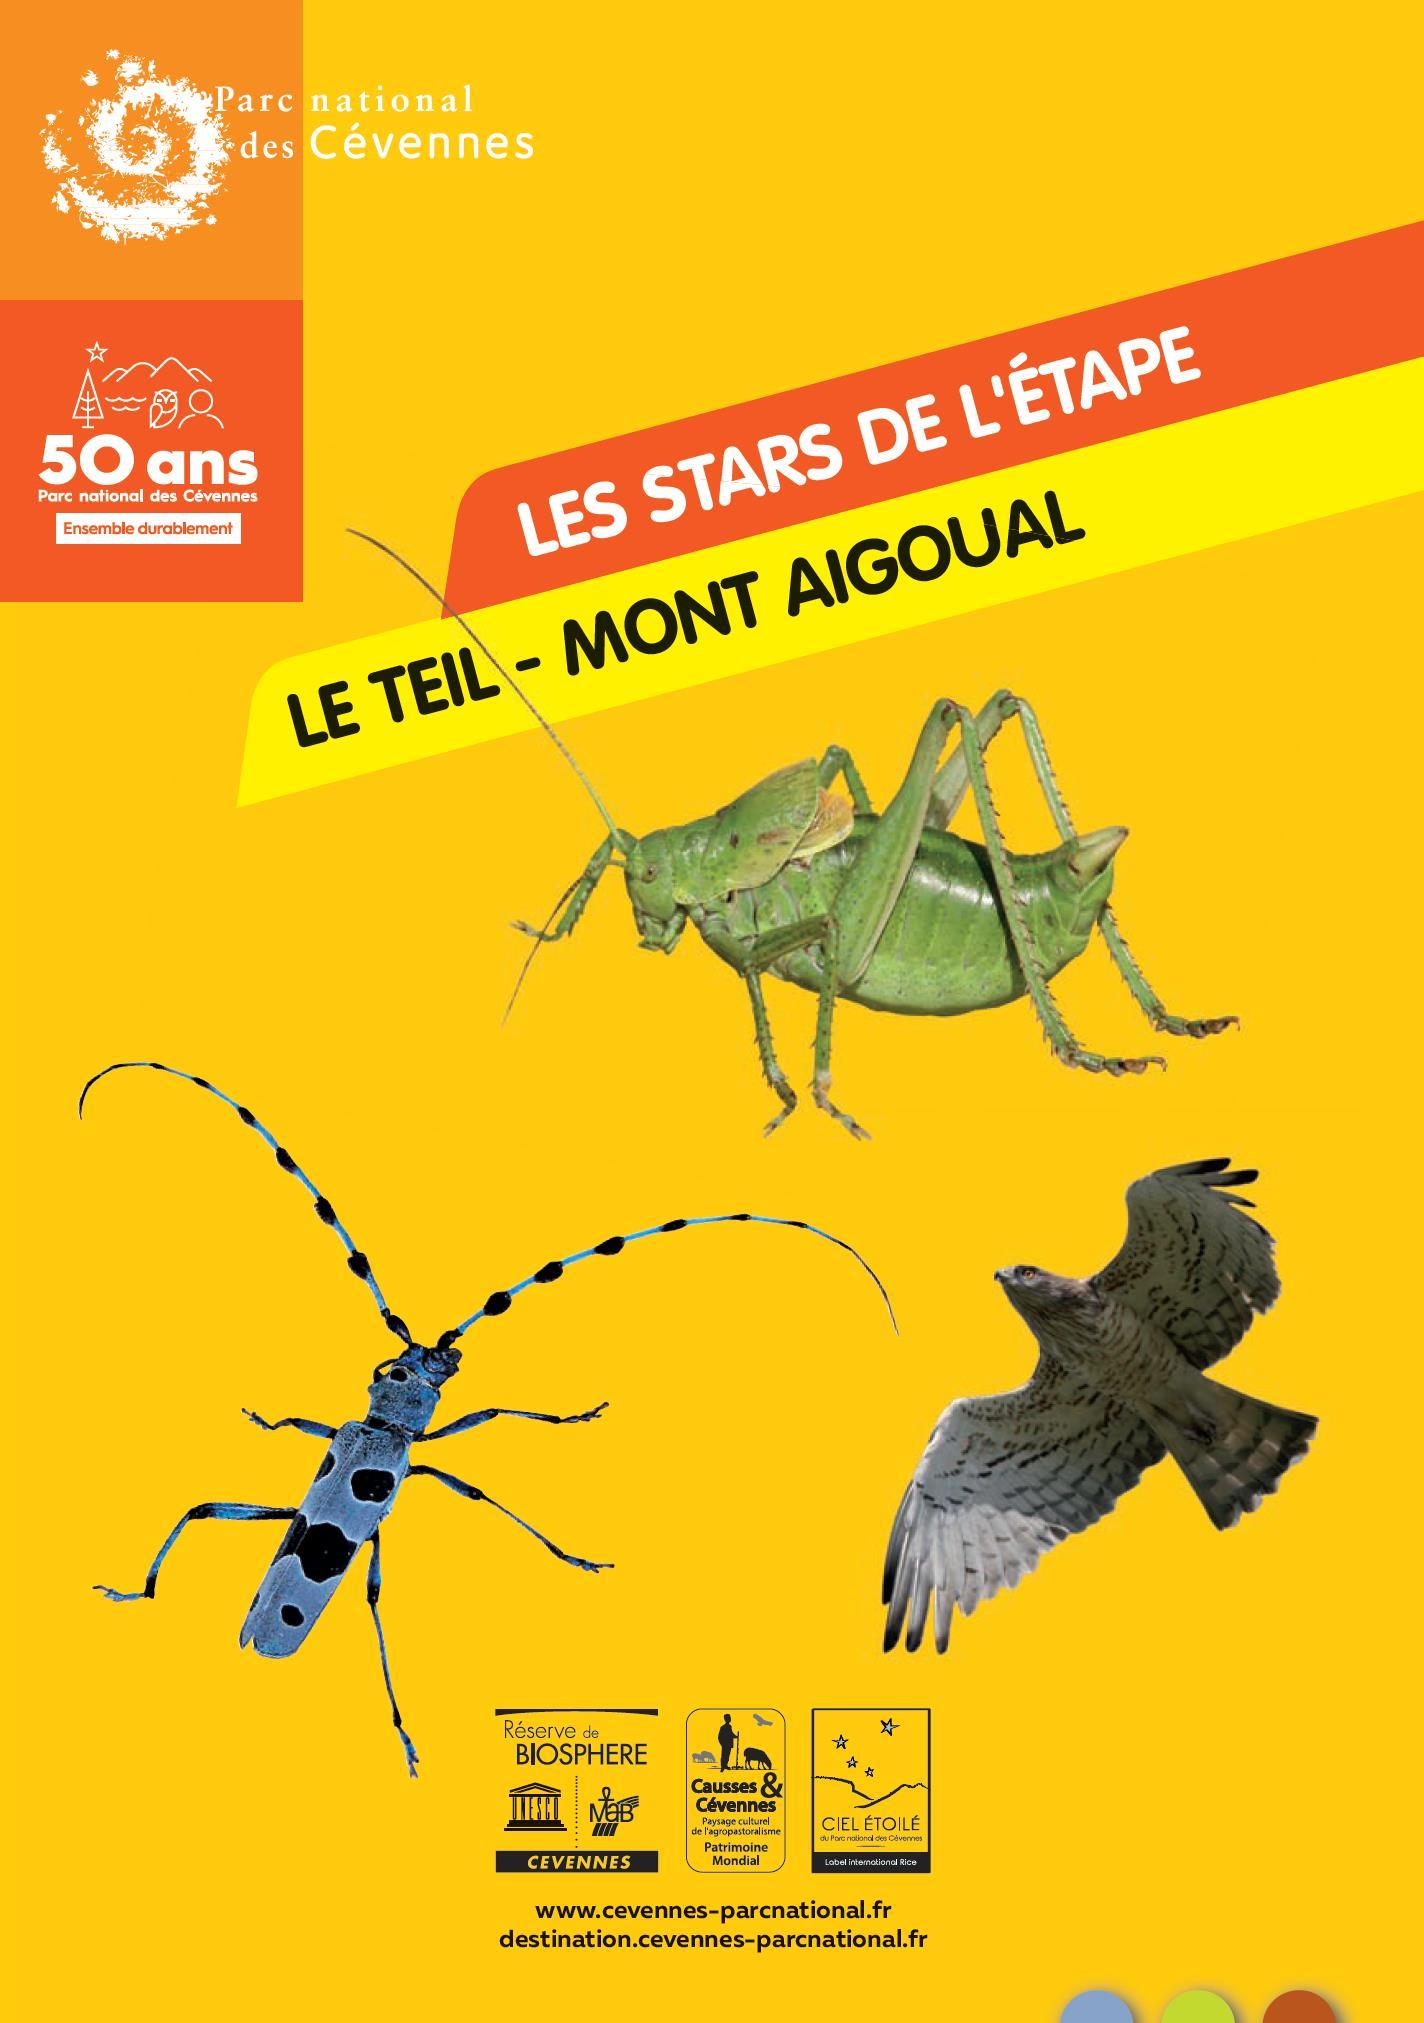 Les stars de l'étape Le Teil - Mont Aigoual